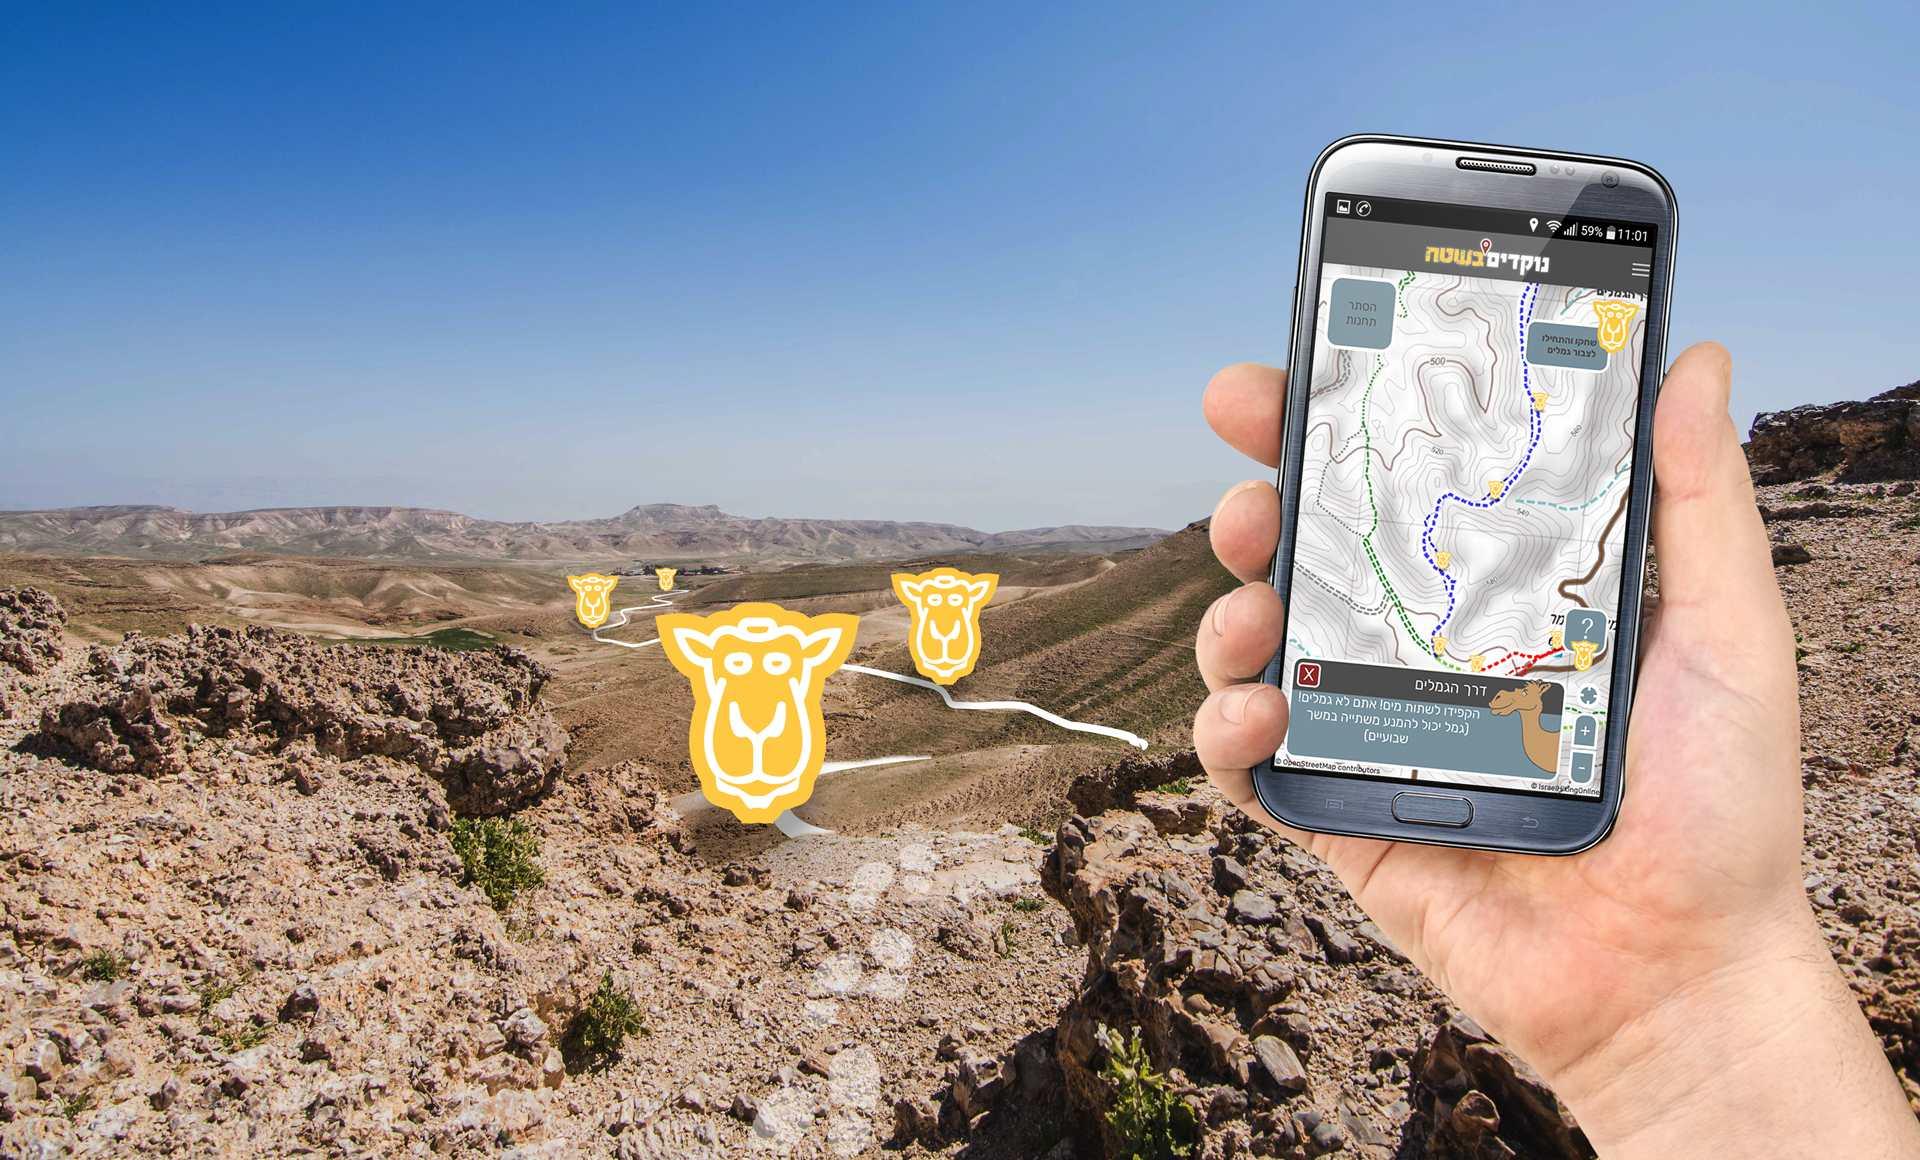 אפליקציית הטיולים של כפר הנוקדים